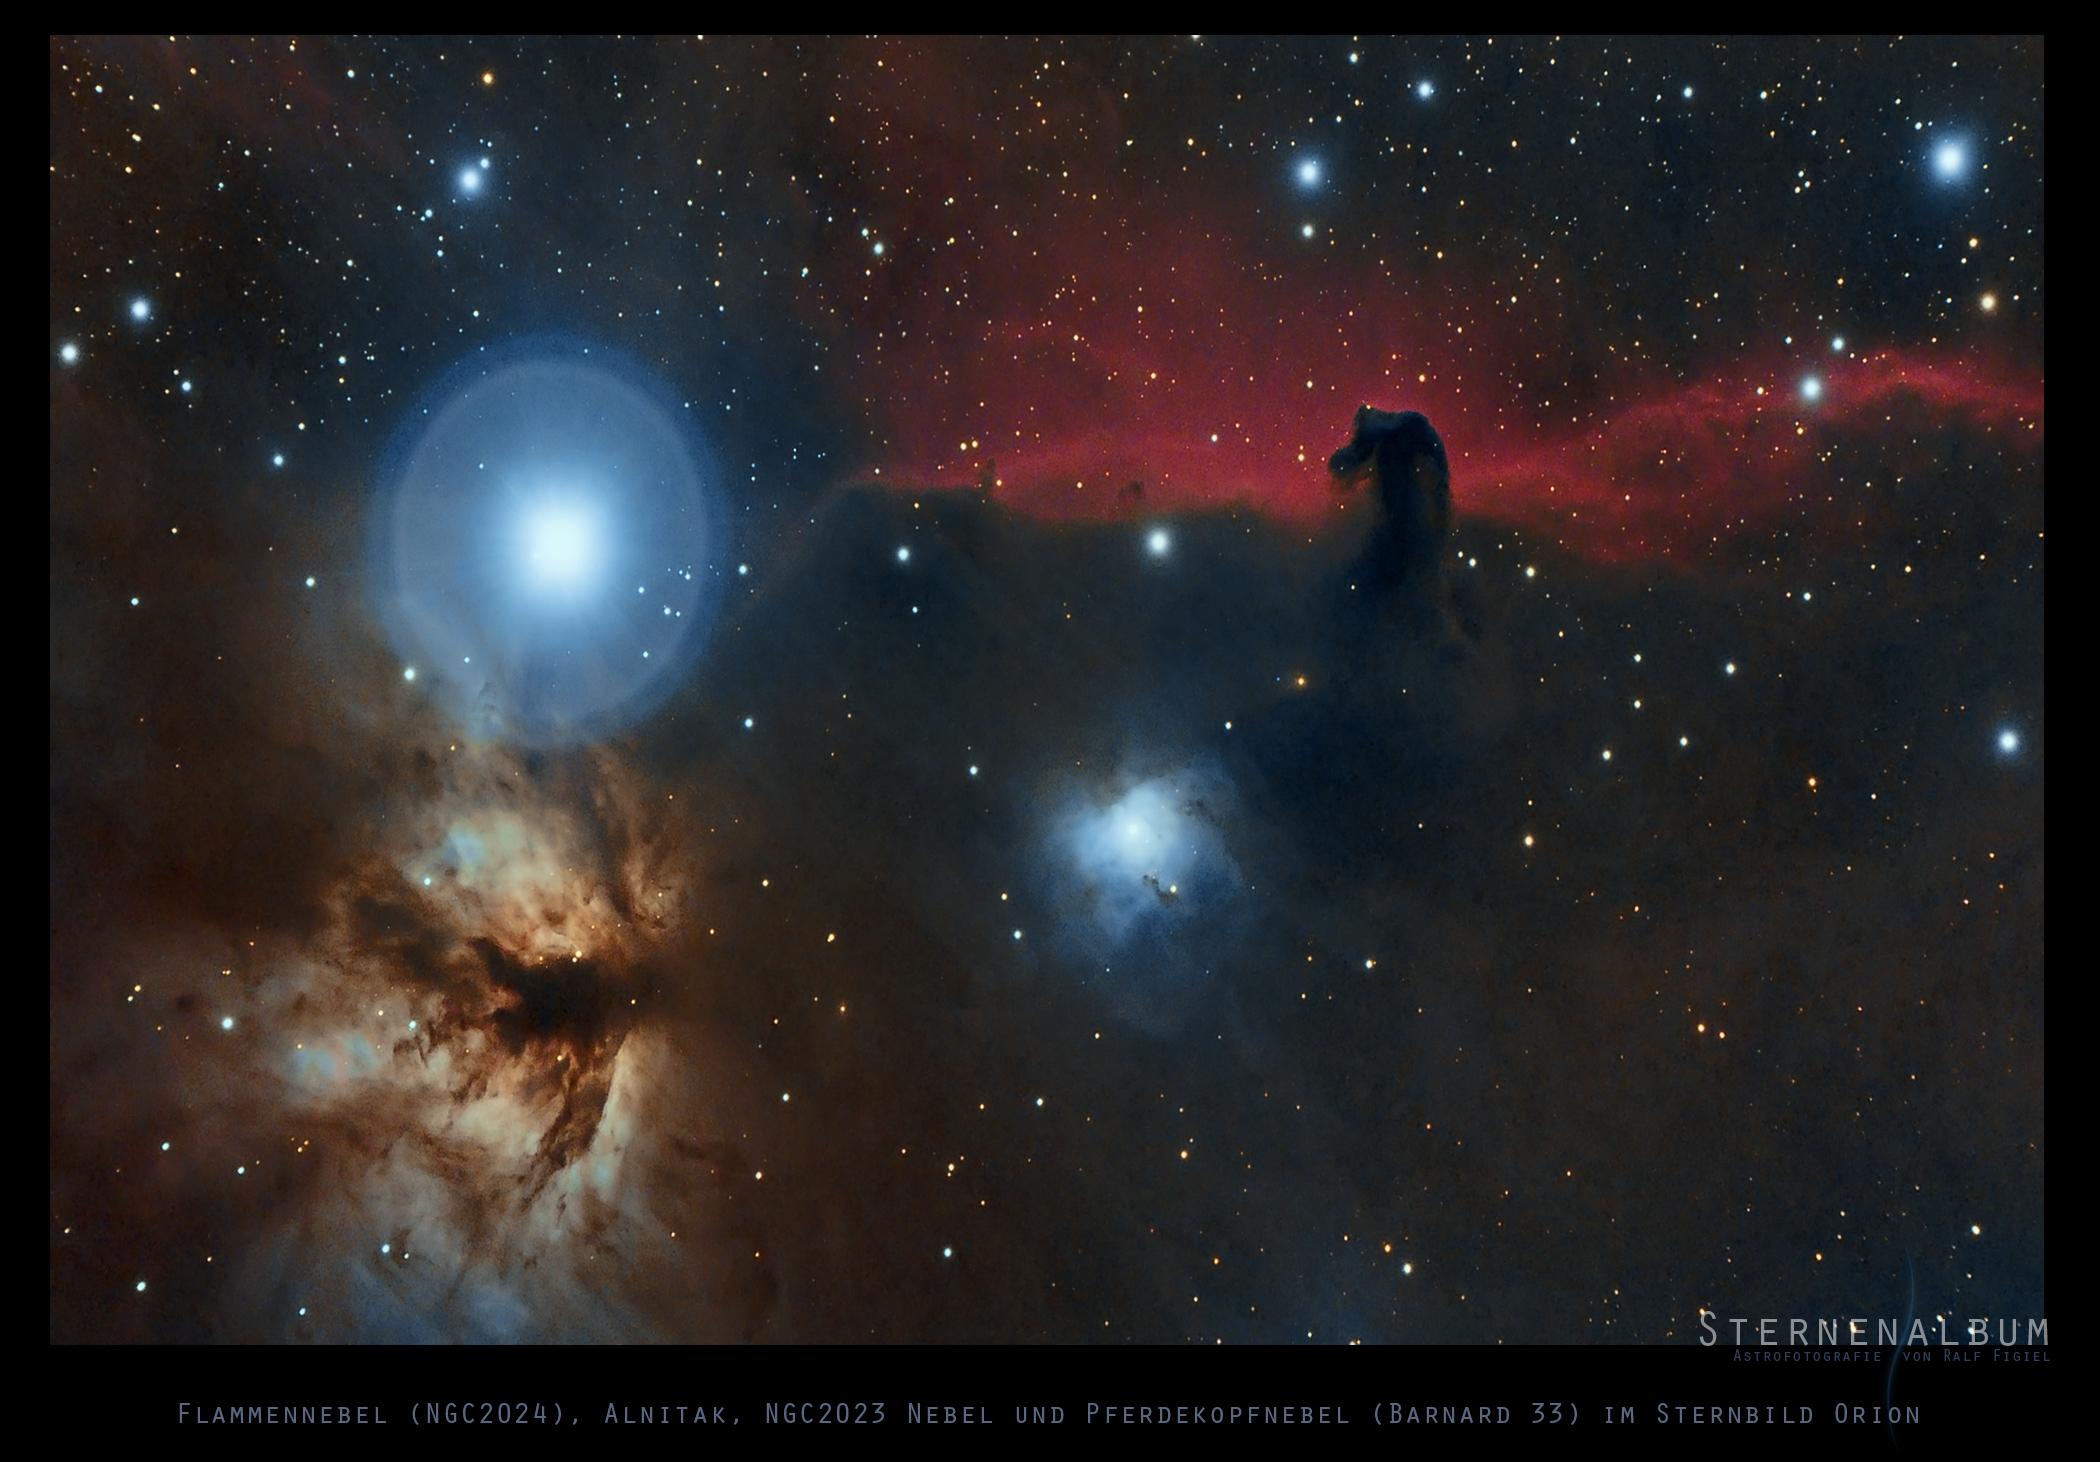 Barnard 33 - Der Pferdekopfnebel mit Umgebung